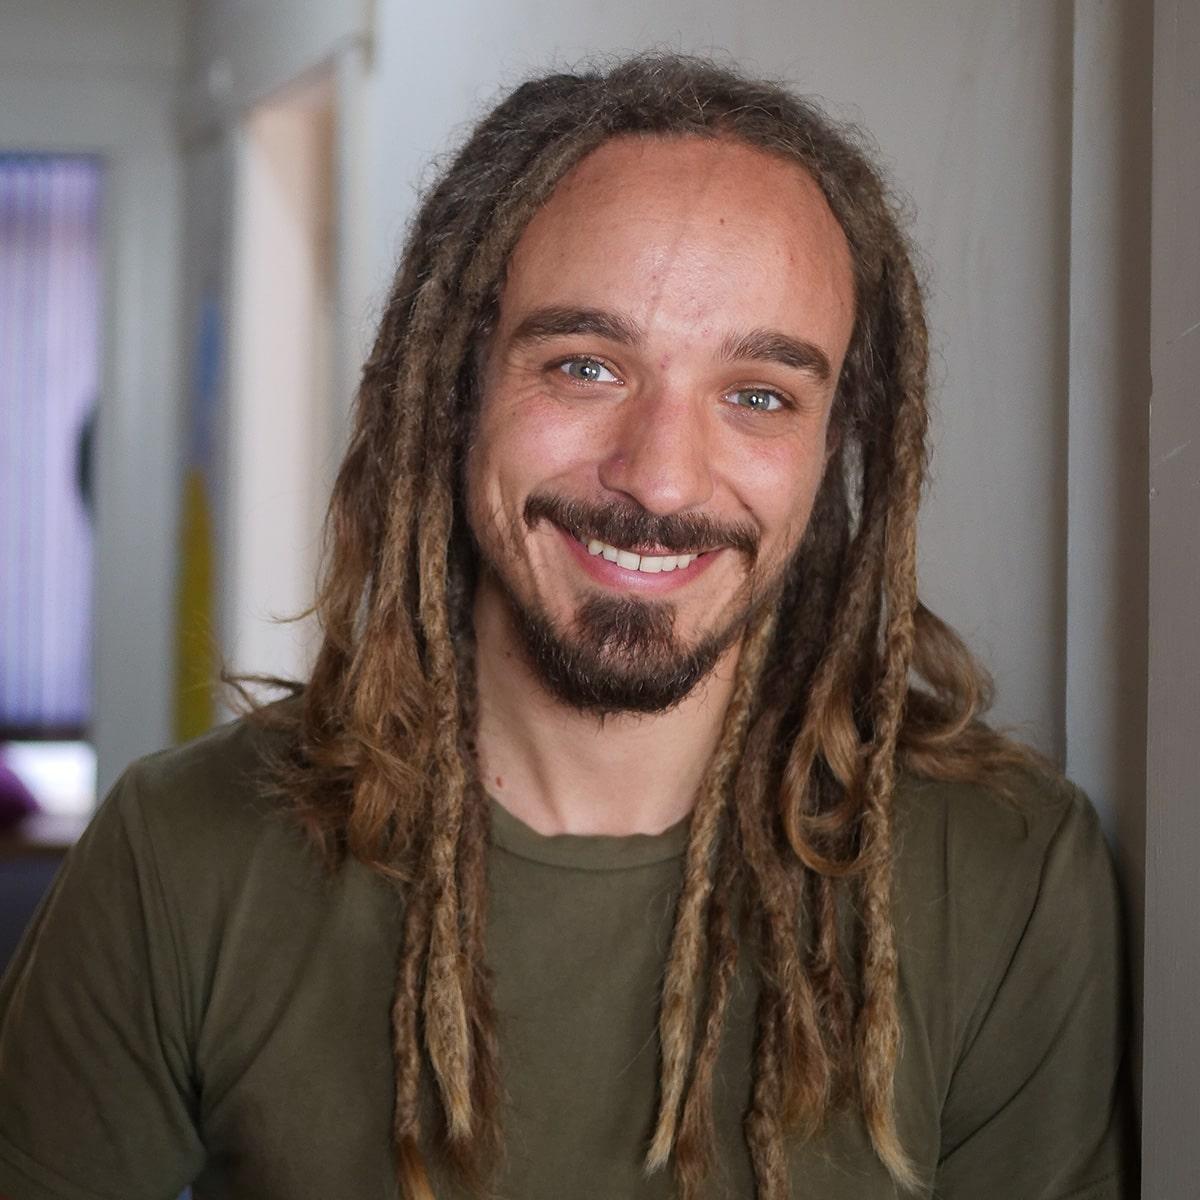 Dominik Saur